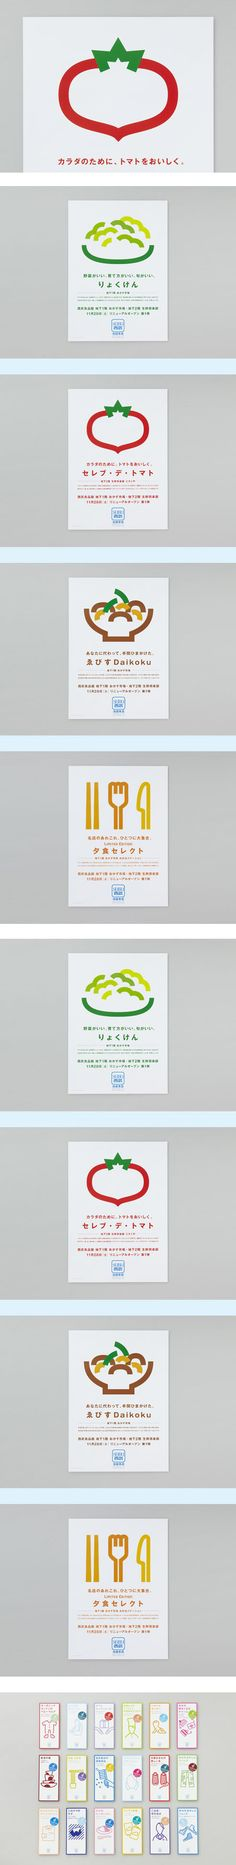 池袋西武リニューアルオープンの ポスター・リーフレットのデザインを担当。